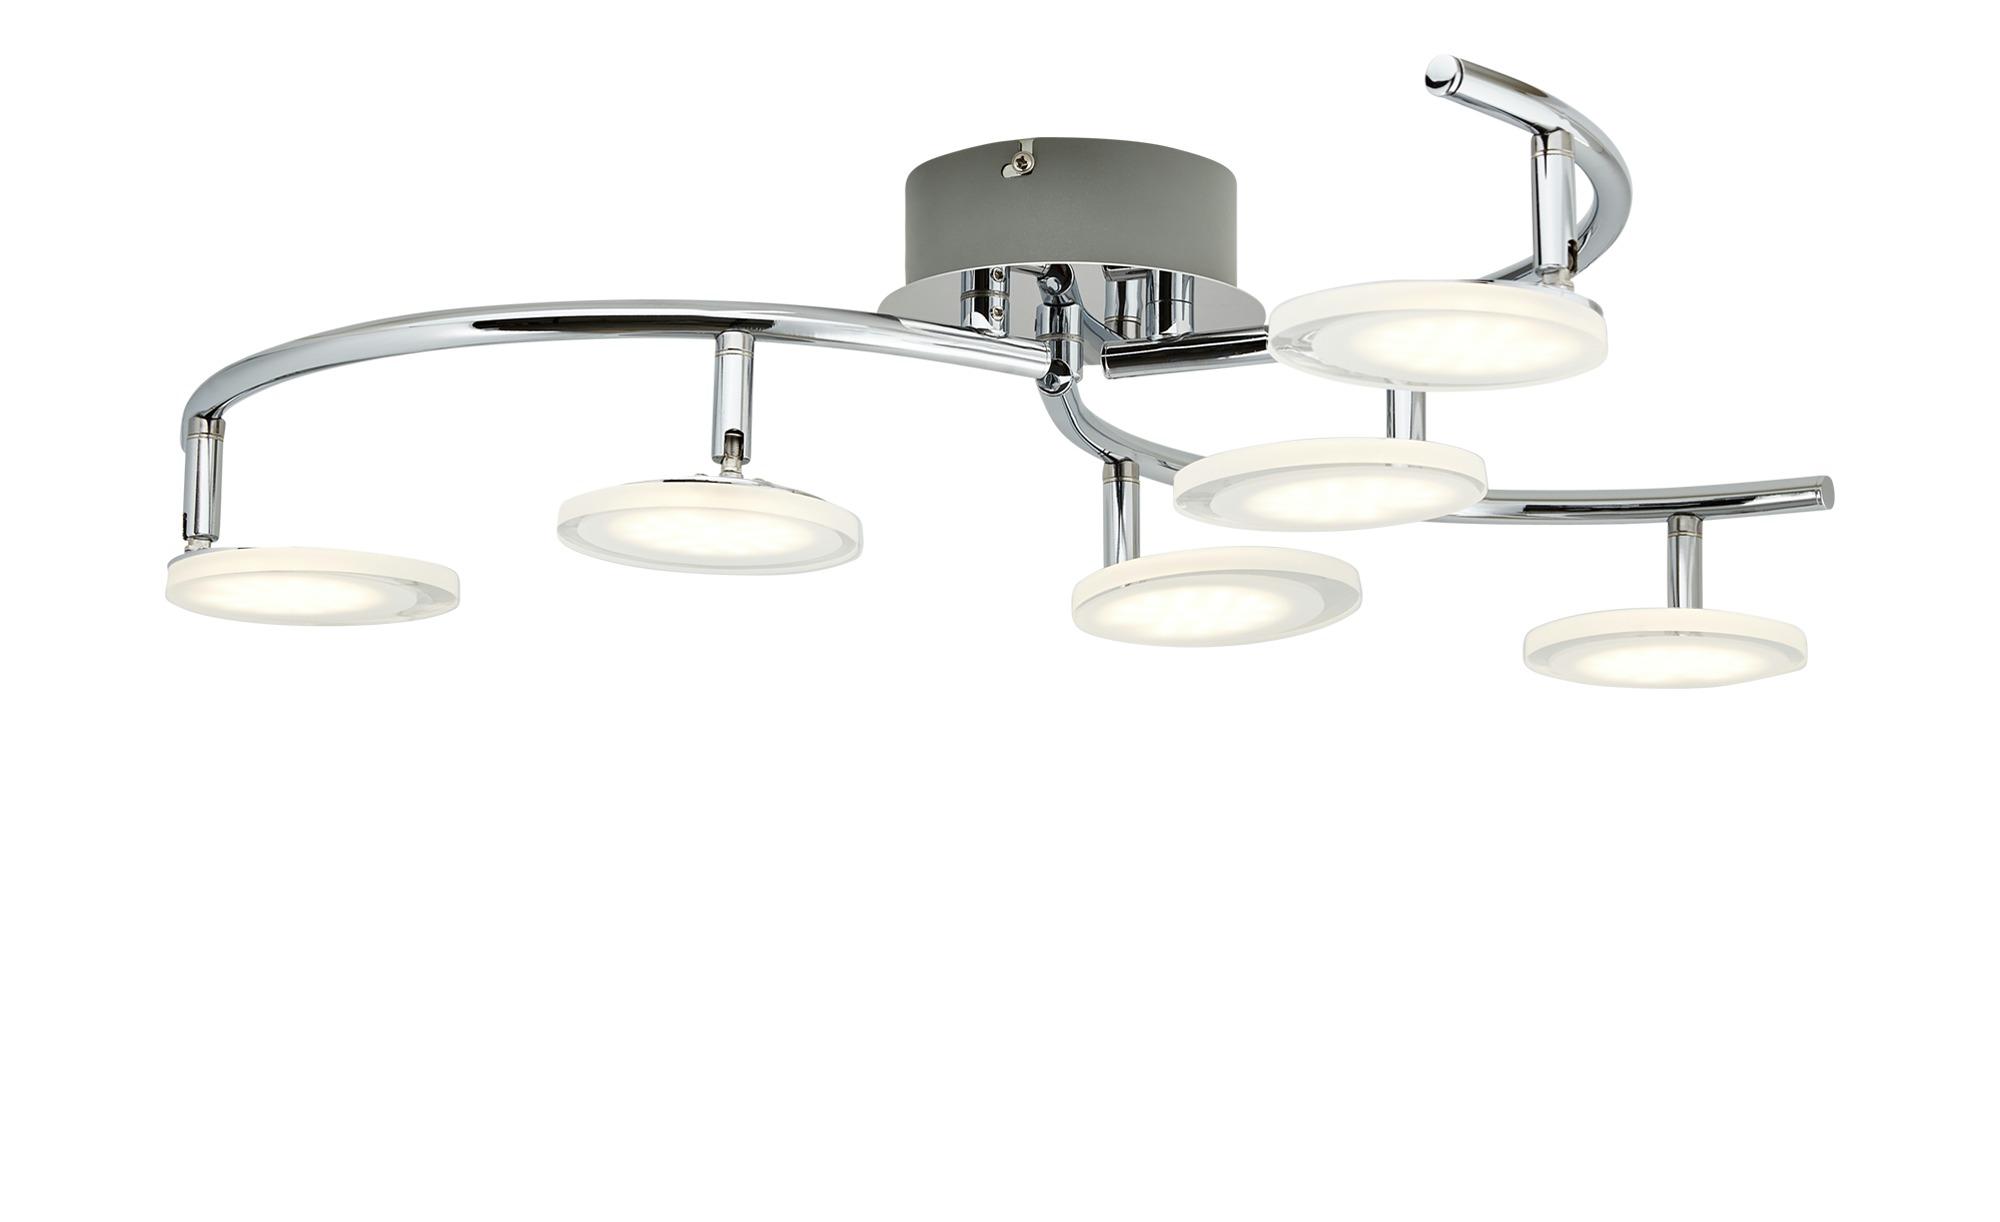 KHG LED-Deckenleuchte Acrylglas ¦ silber ¦ Maße (cm): H: 19,5 Ø: [65.0] Lampen & Leuchten > Innenleuchten > Deckenleuchten - Höffner